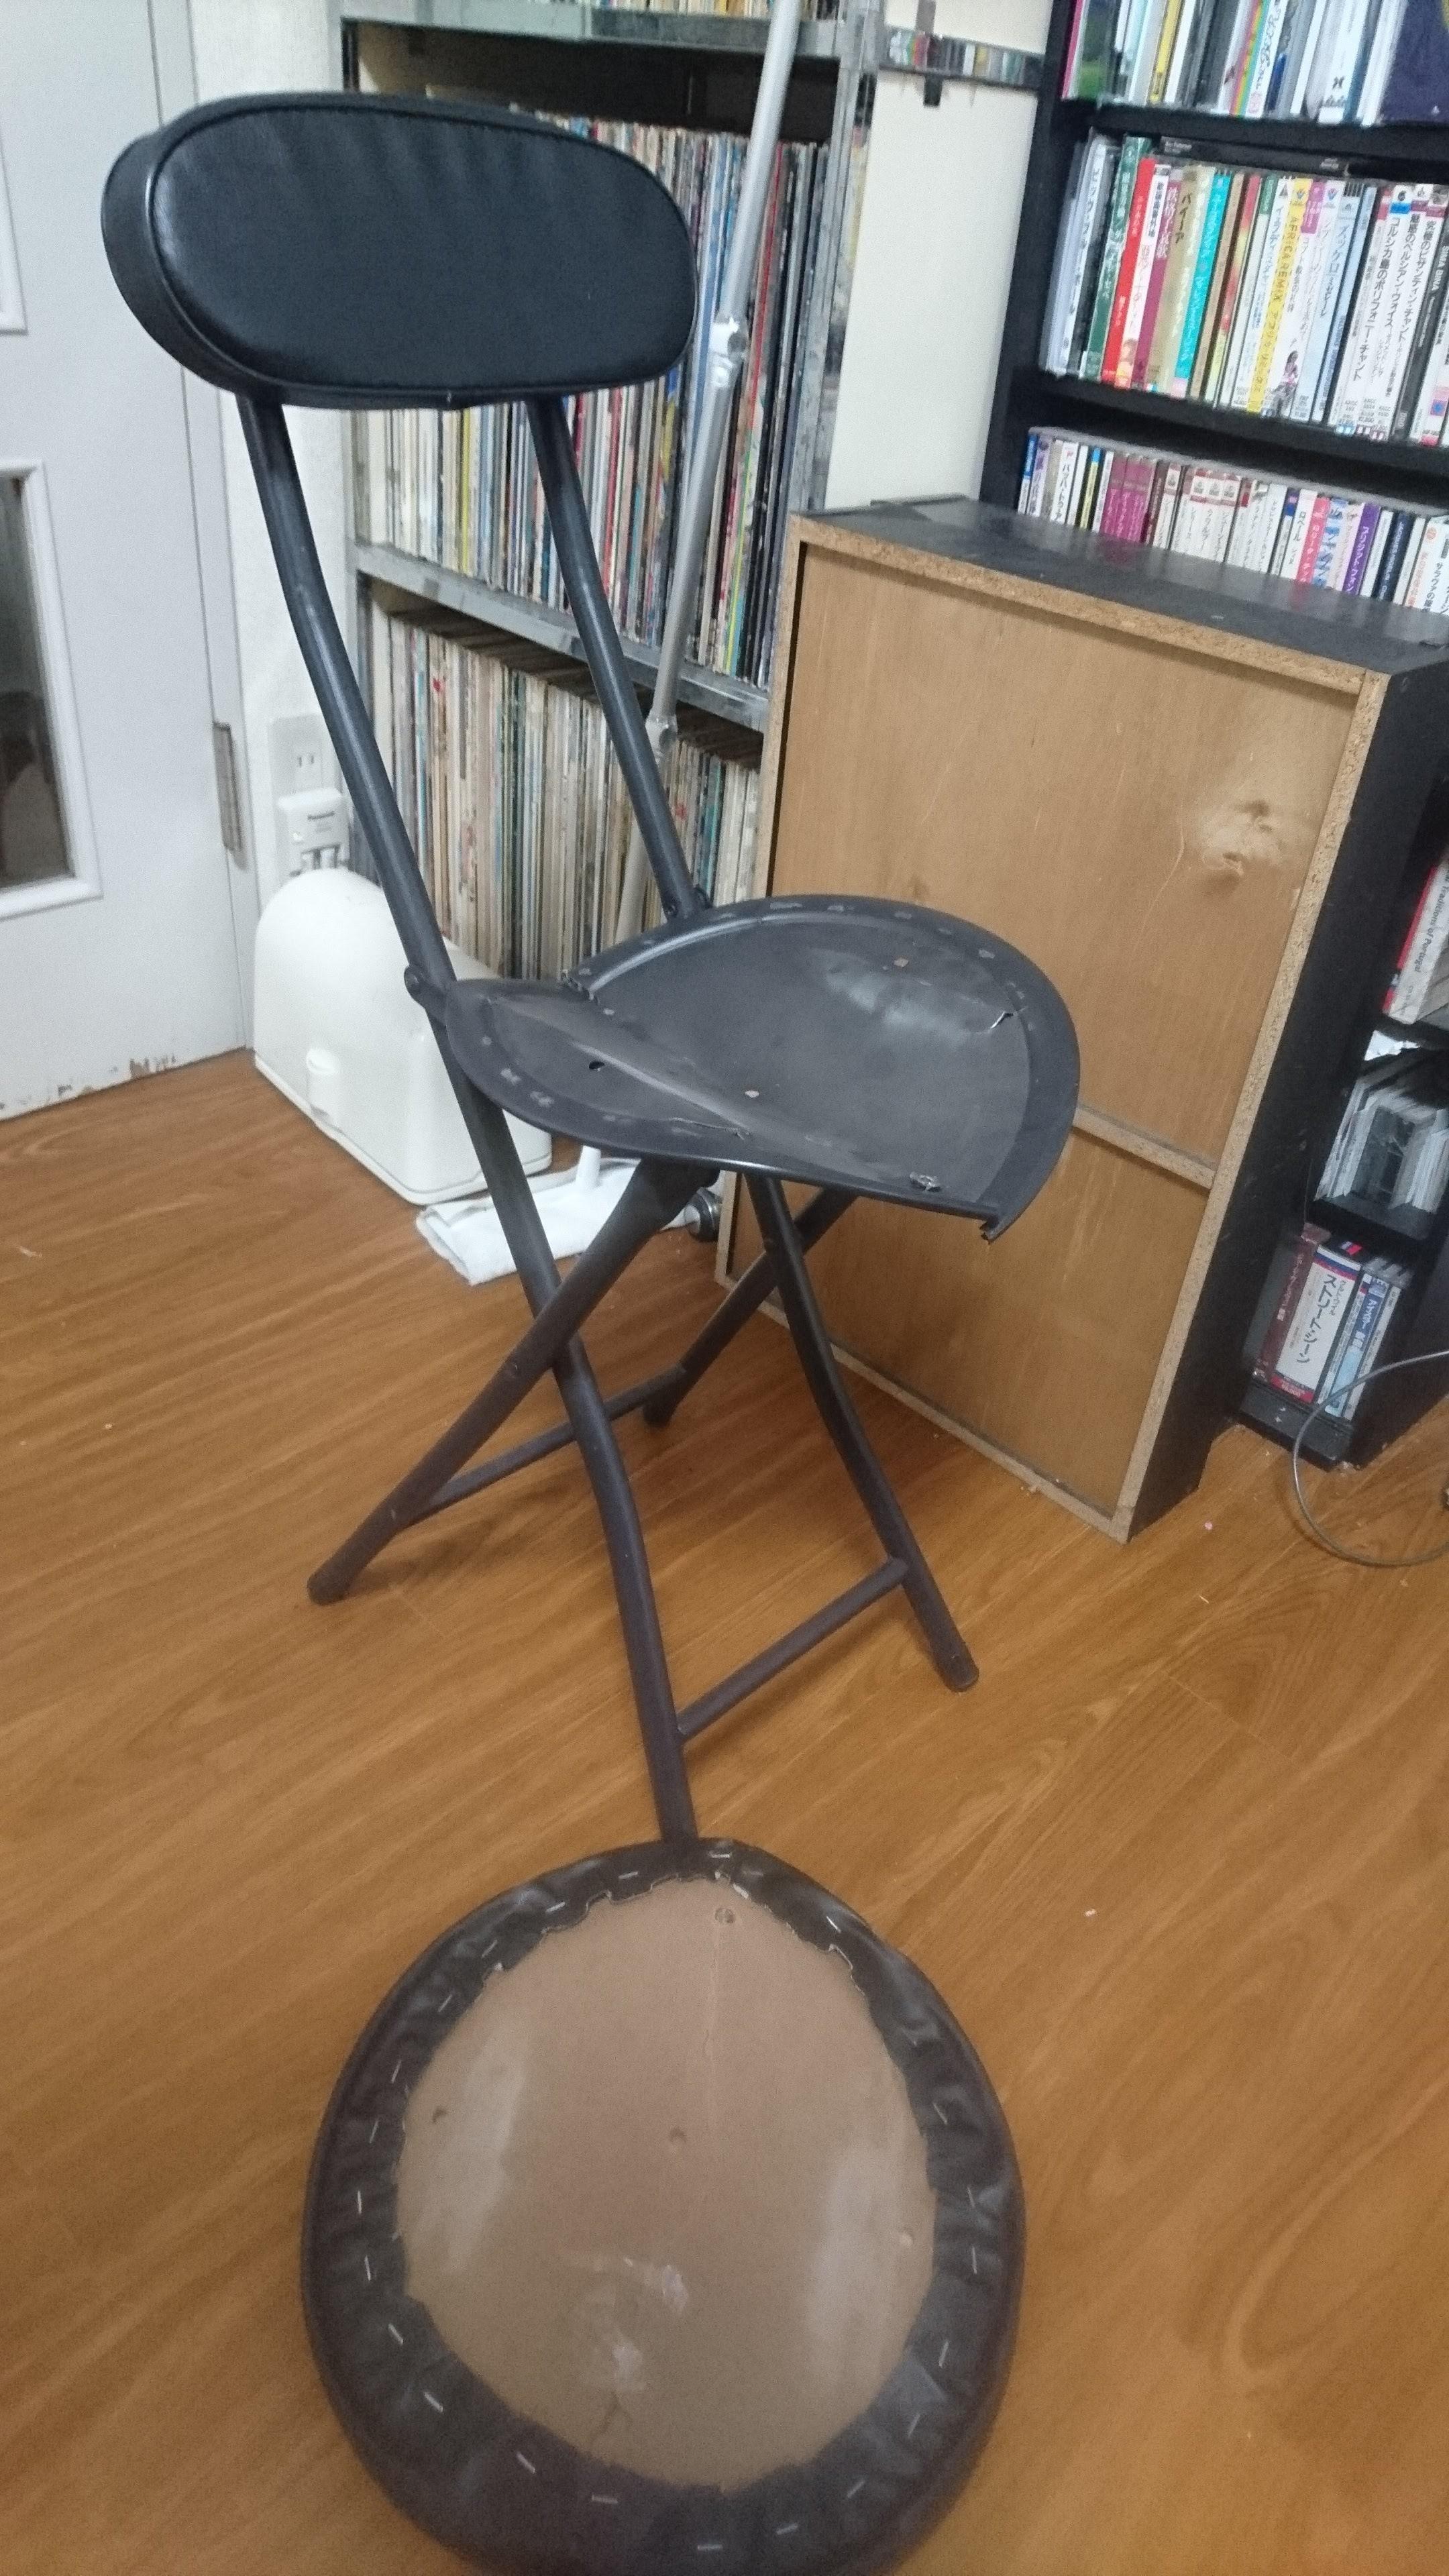 椅子も一脚、買わんとだめかあ。(重なるなあ 出費…。とほほ。)